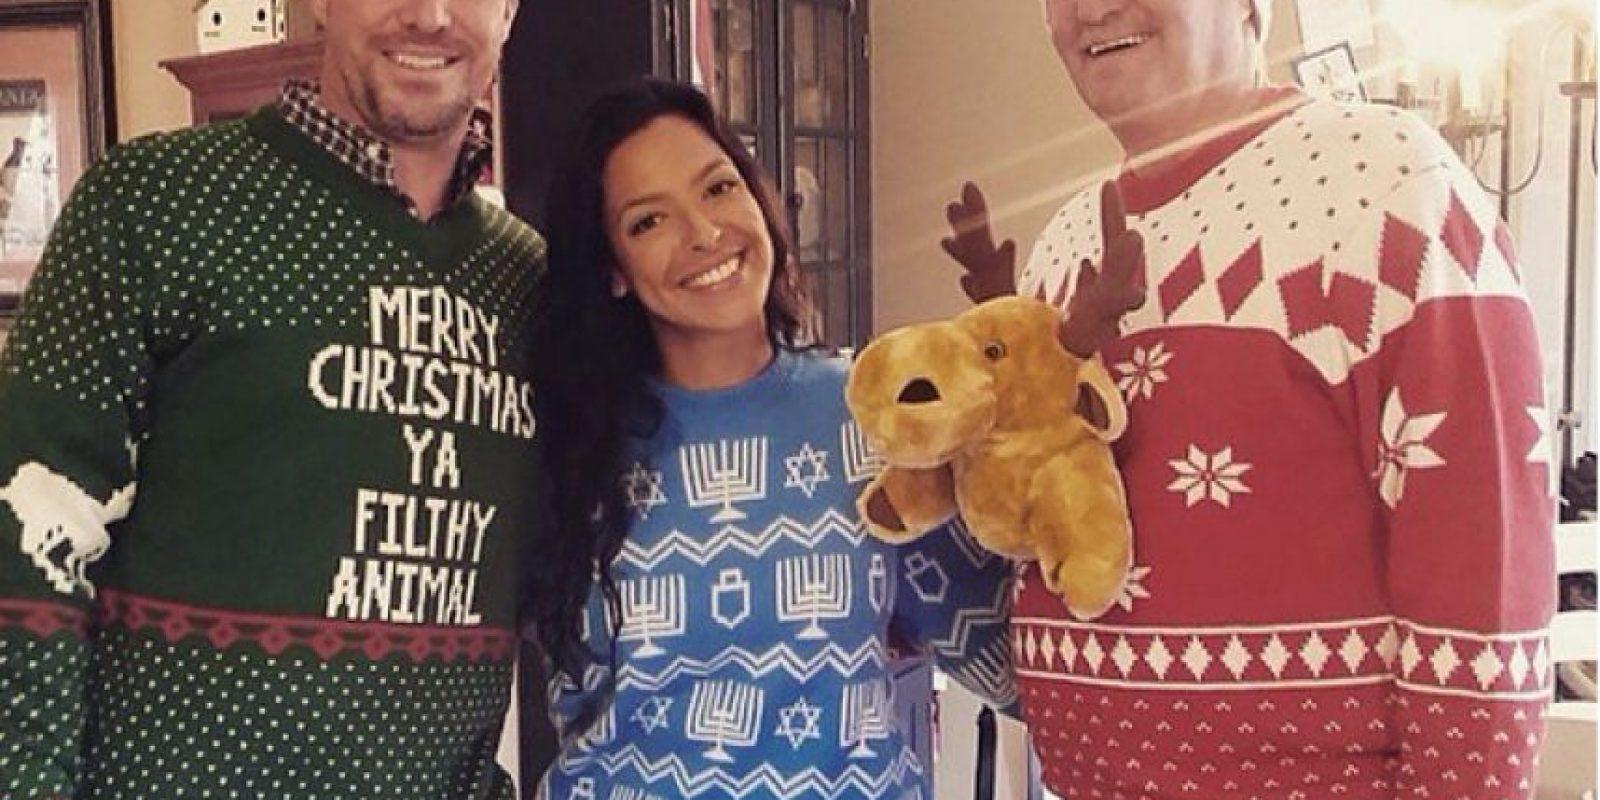 Los clientes comparten sus fotos luciendo los suéteres feos. Foto:Vía Instagram.com/uglychristmassweater_com